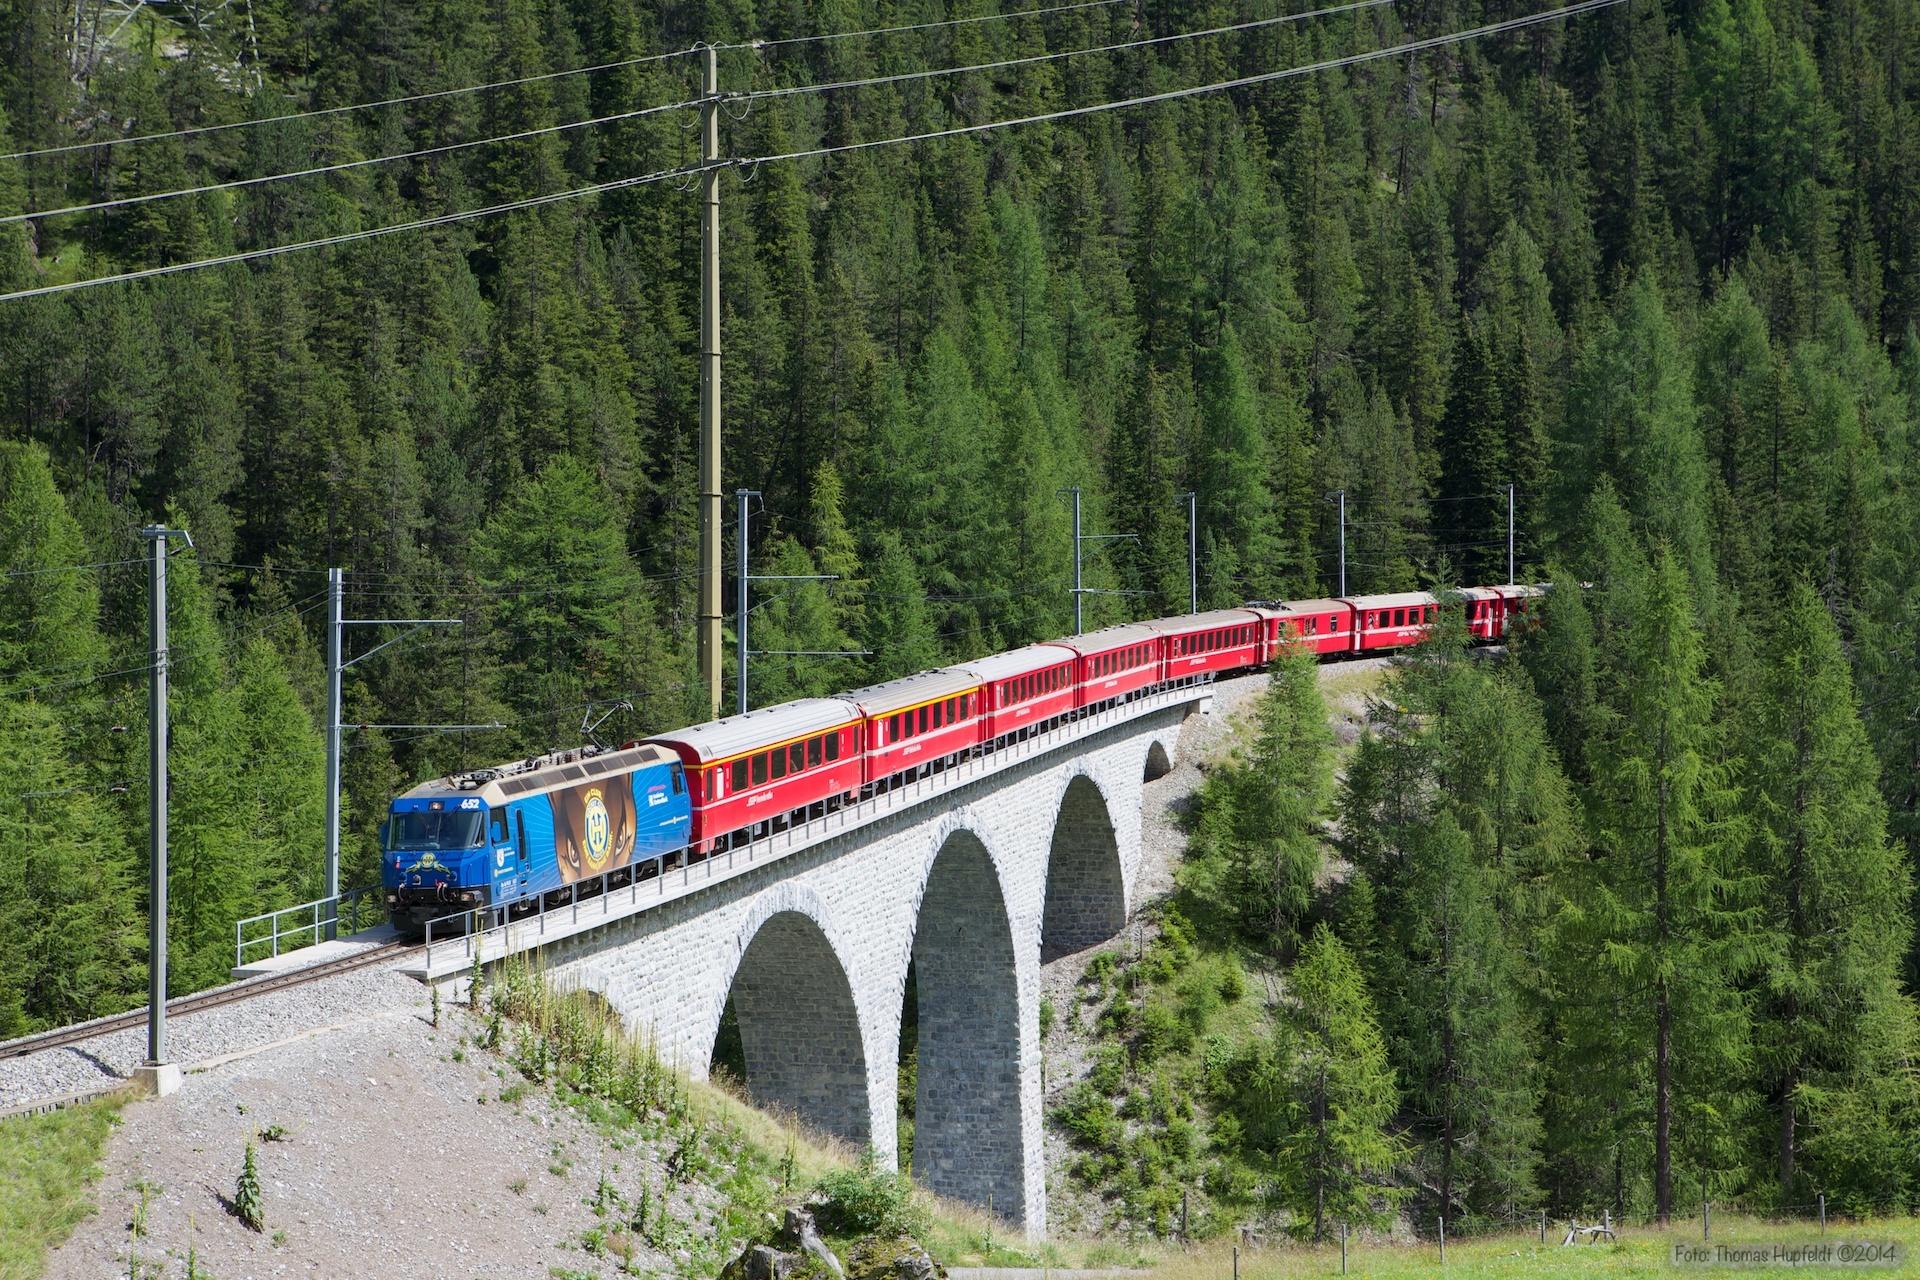 RhB Ge 4/4 III 652 med 9 vogne som 1144 (St. Moriz-Chur) mellem Preda og Bergün - 16.08.2014